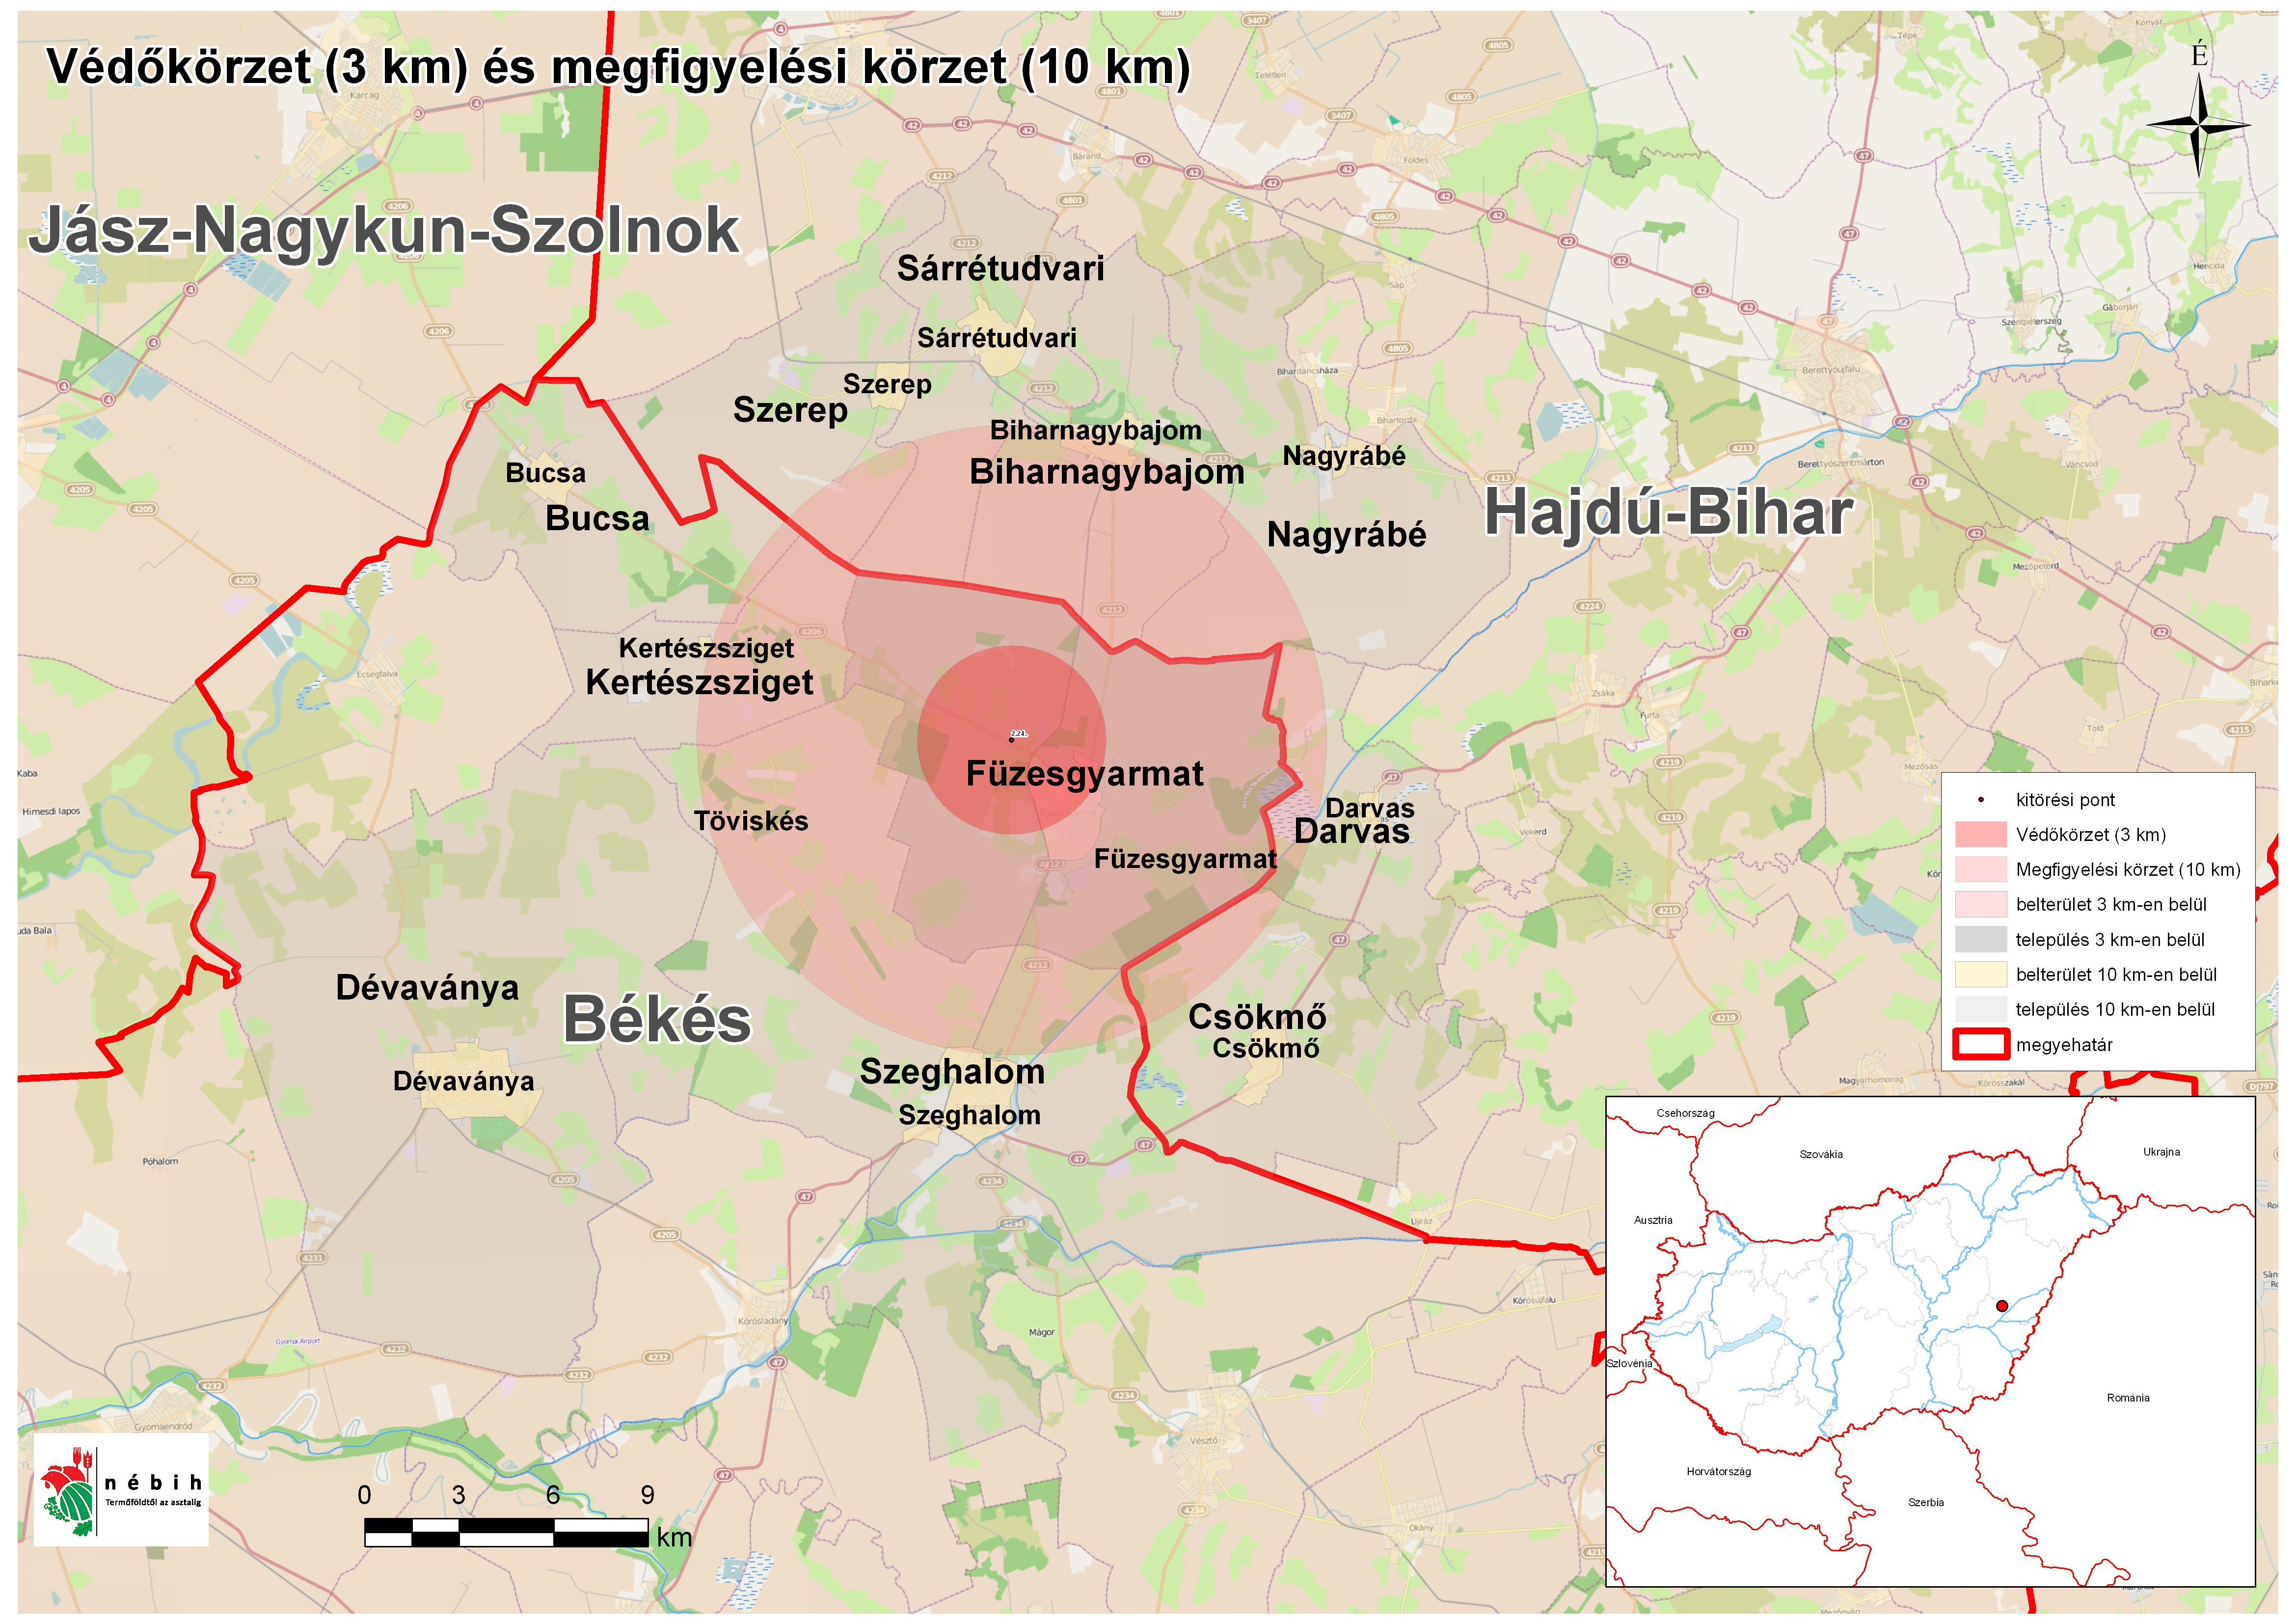 füzesgyarmat térkép Madárinfluenza egy Békés megyei kacsaállományban   Madárinfluenza  füzesgyarmat térkép